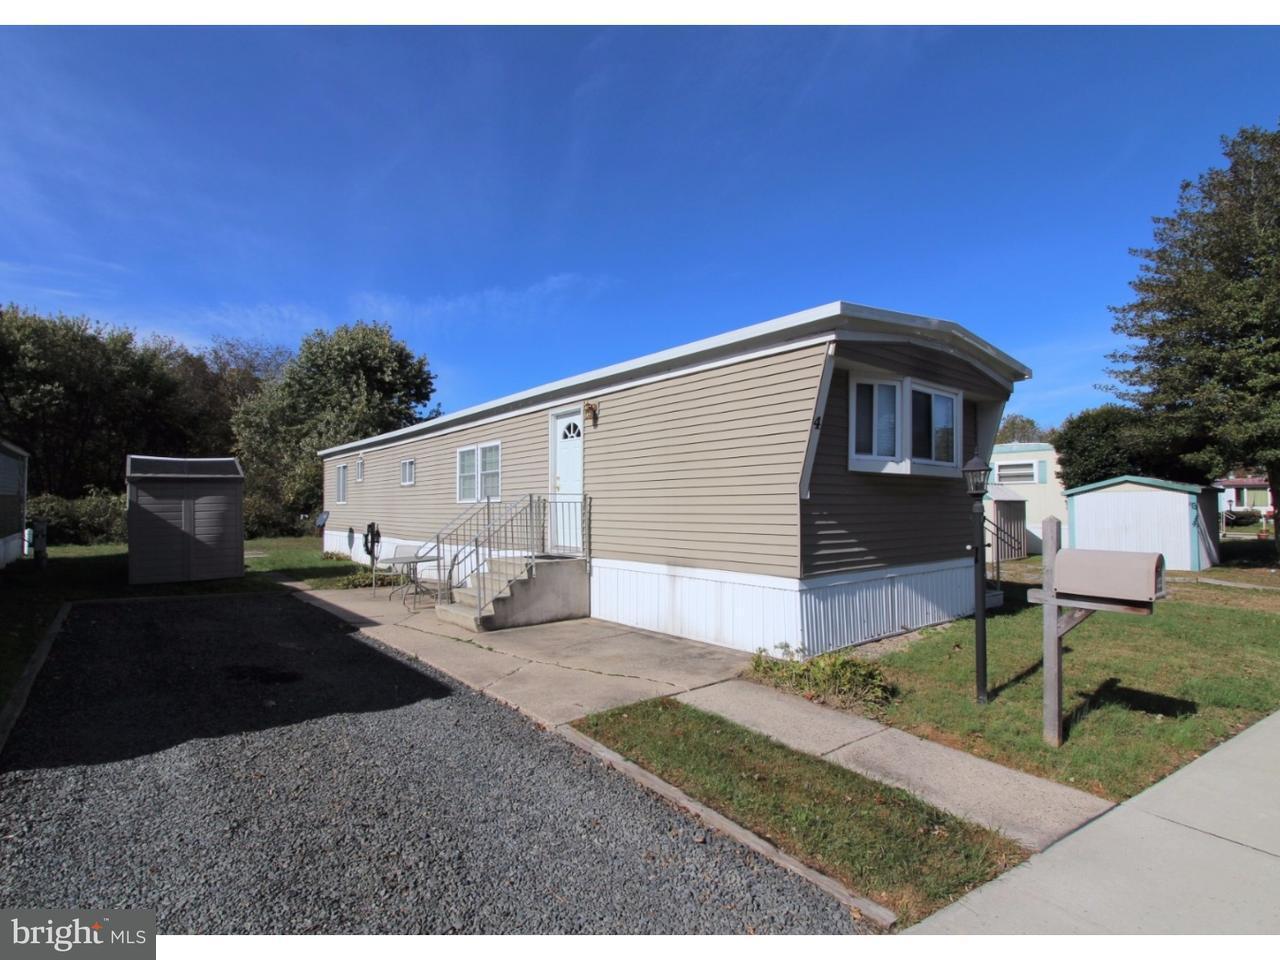 移动之家 为 销售 在 4 PHEASANT Circle Southampton, 新泽西州 08088 美国